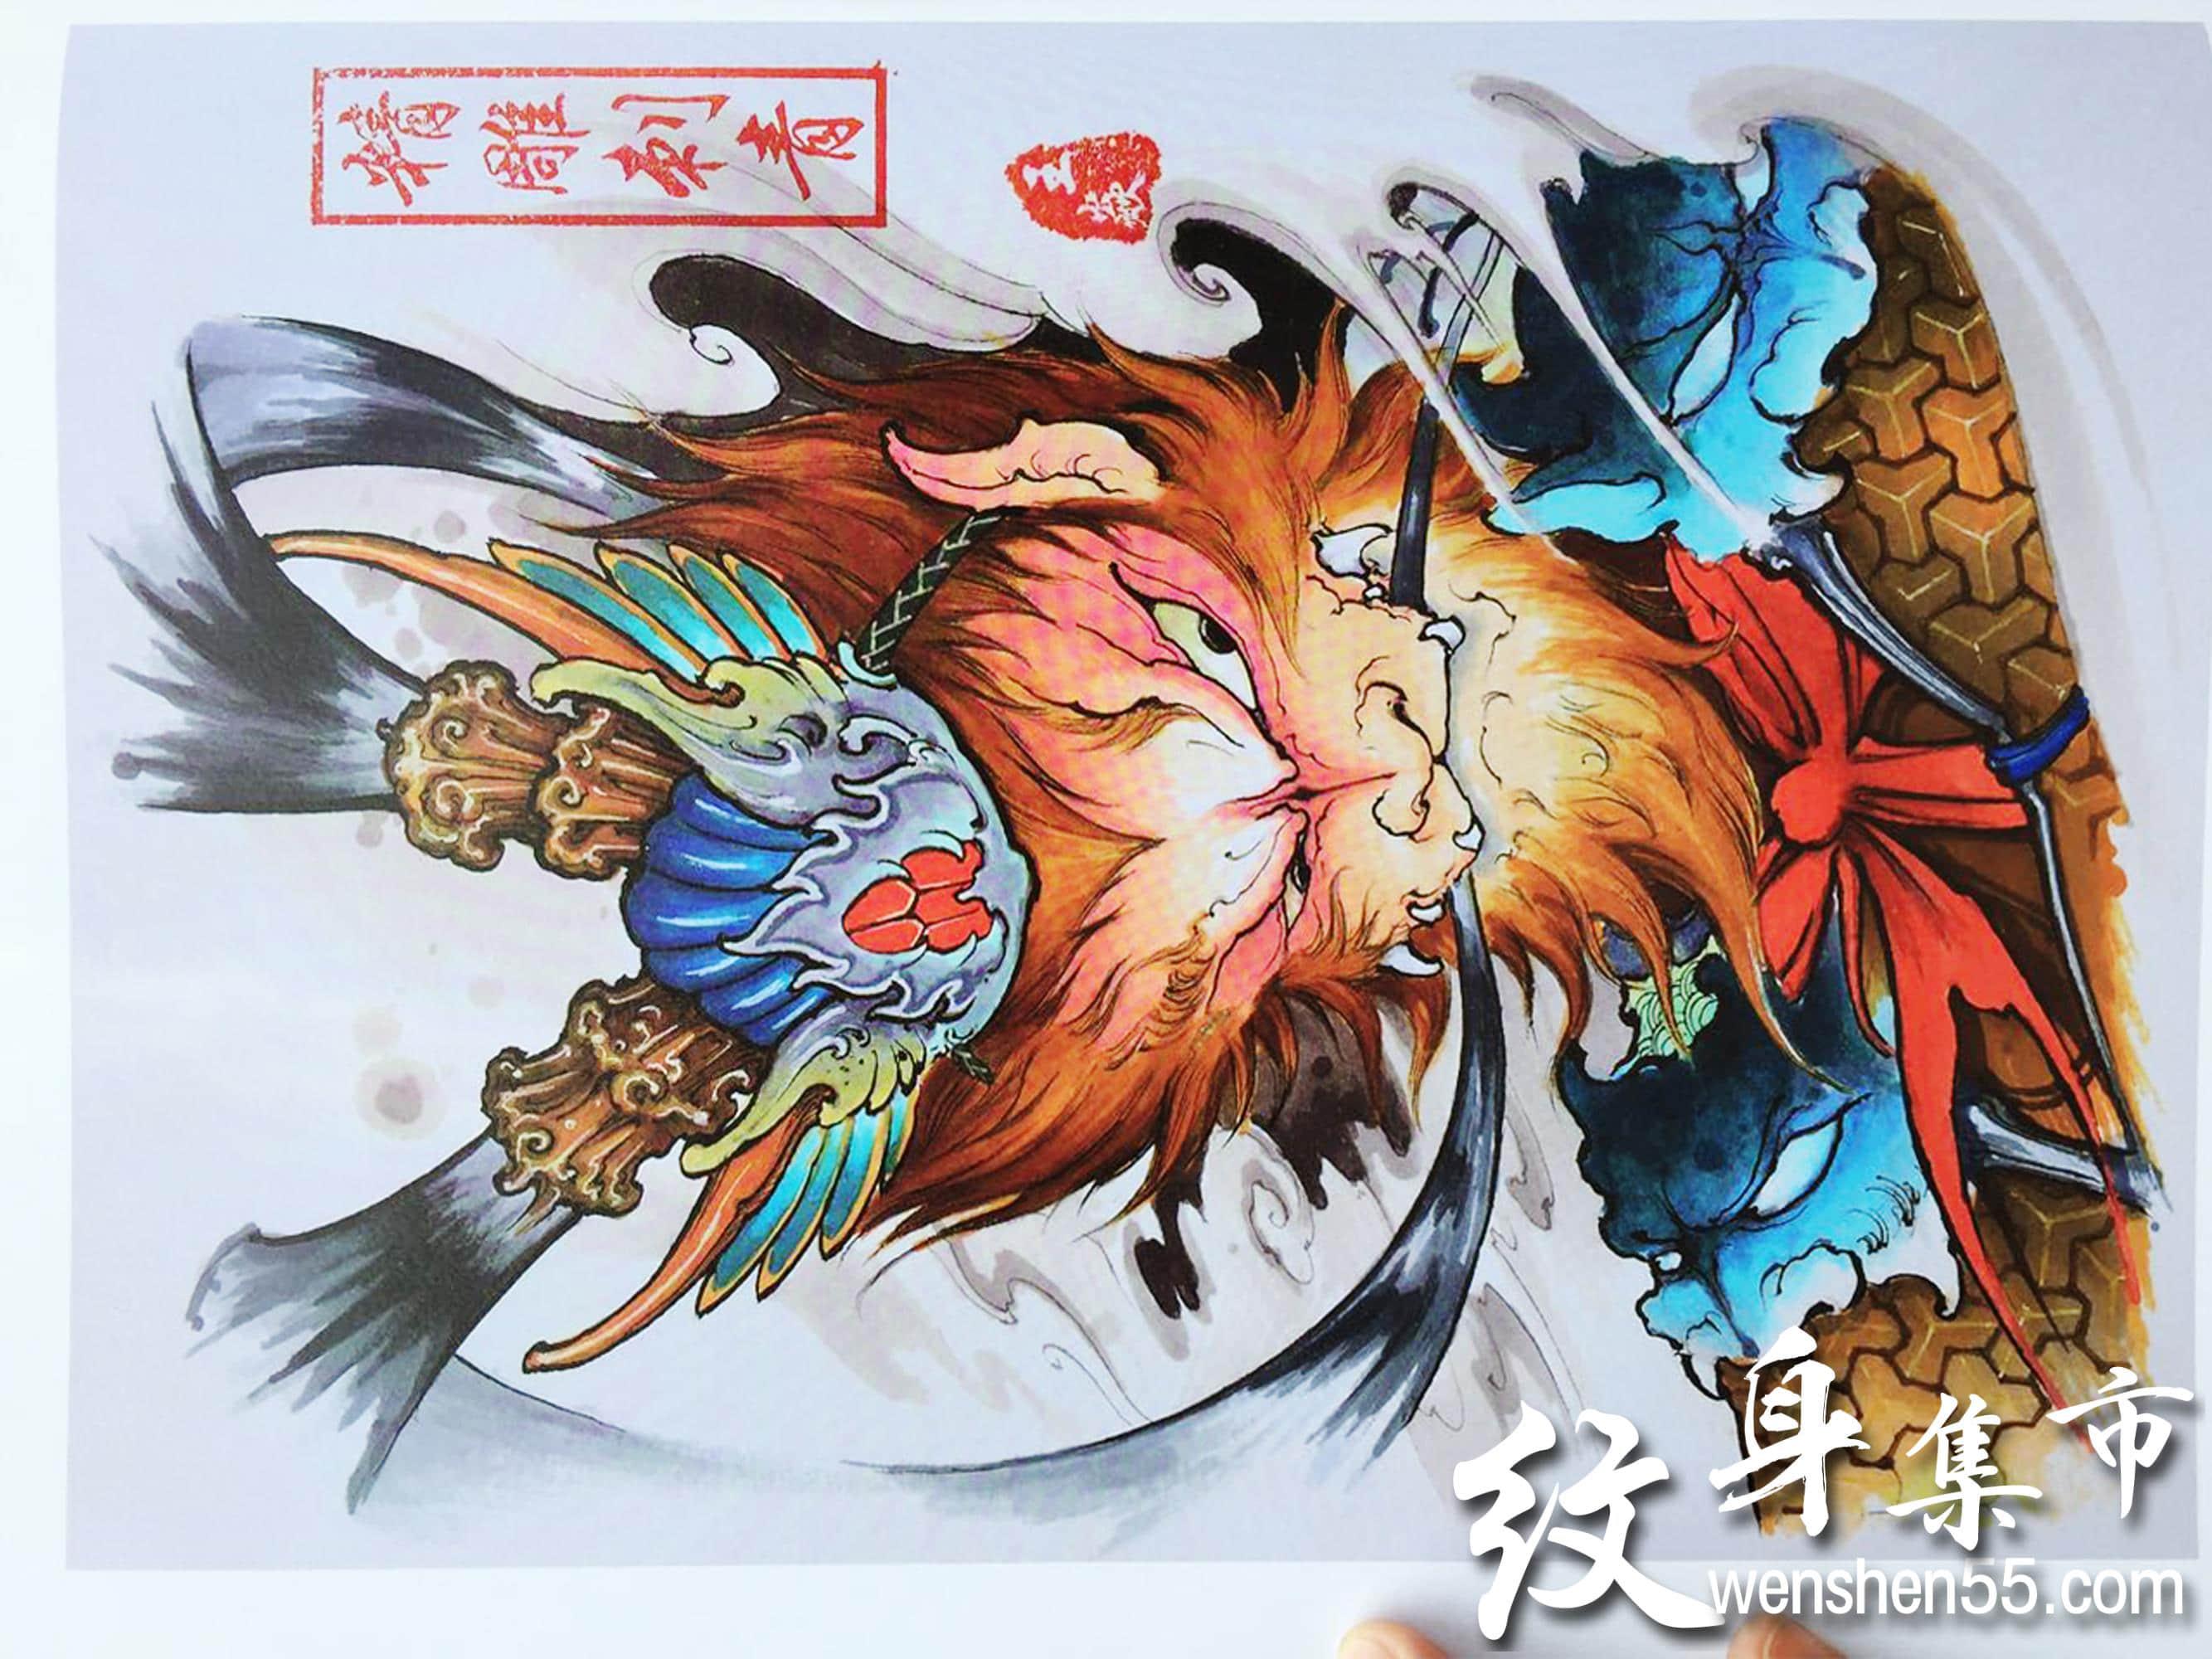 精雕刺青,精雕刺青手稿,精雕刺青纹身手稿图案